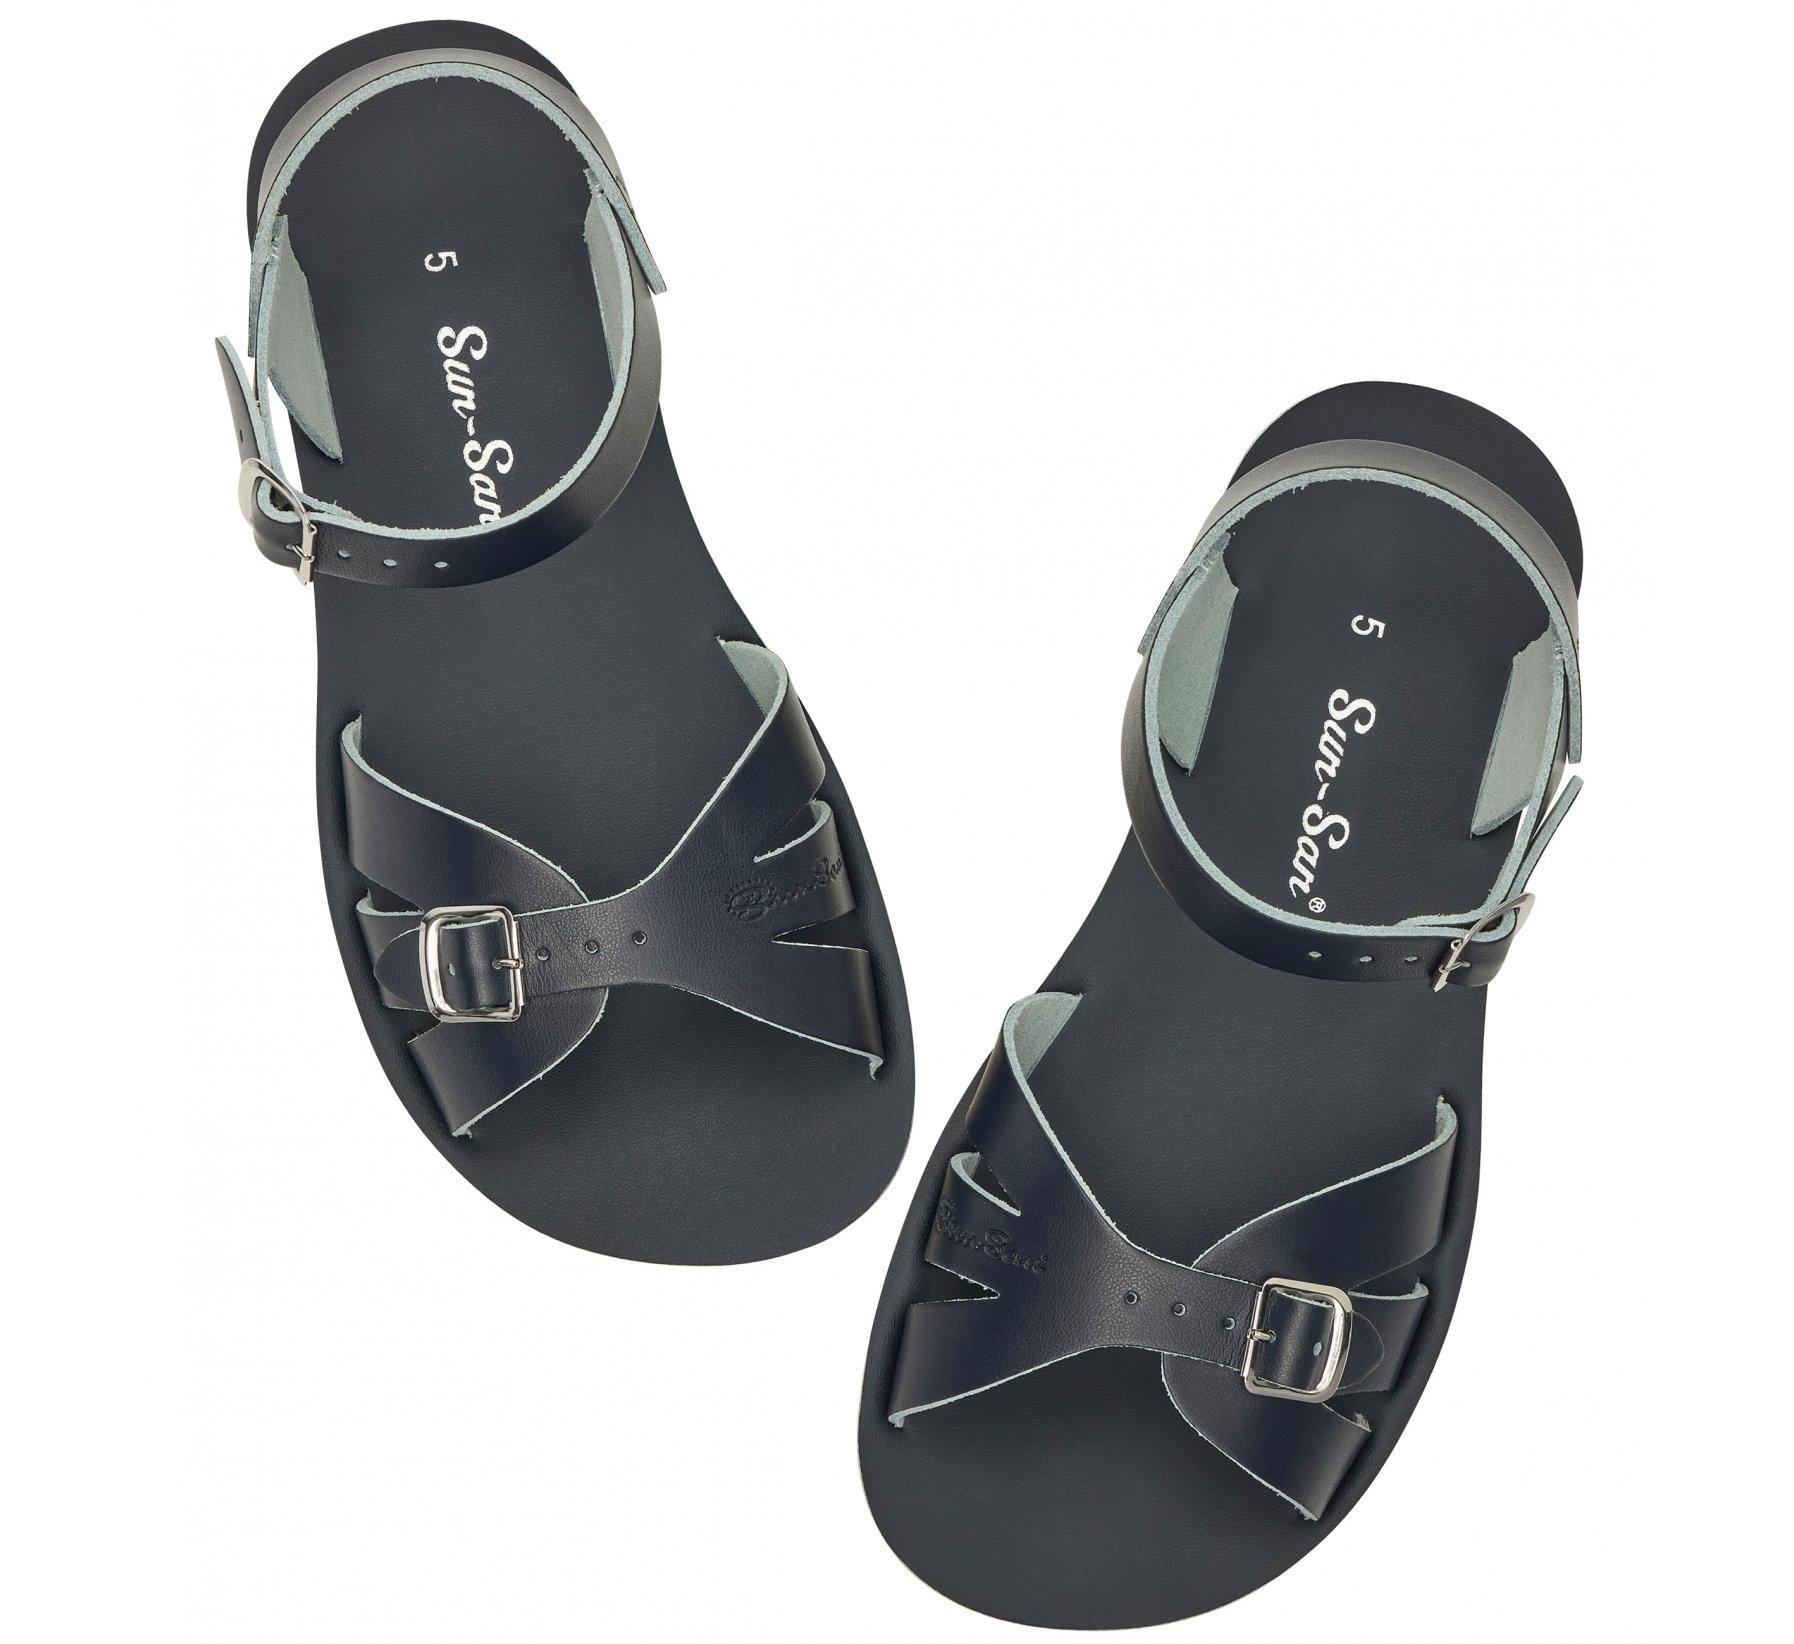 Boardwalk Navy - Salt Water Sandals